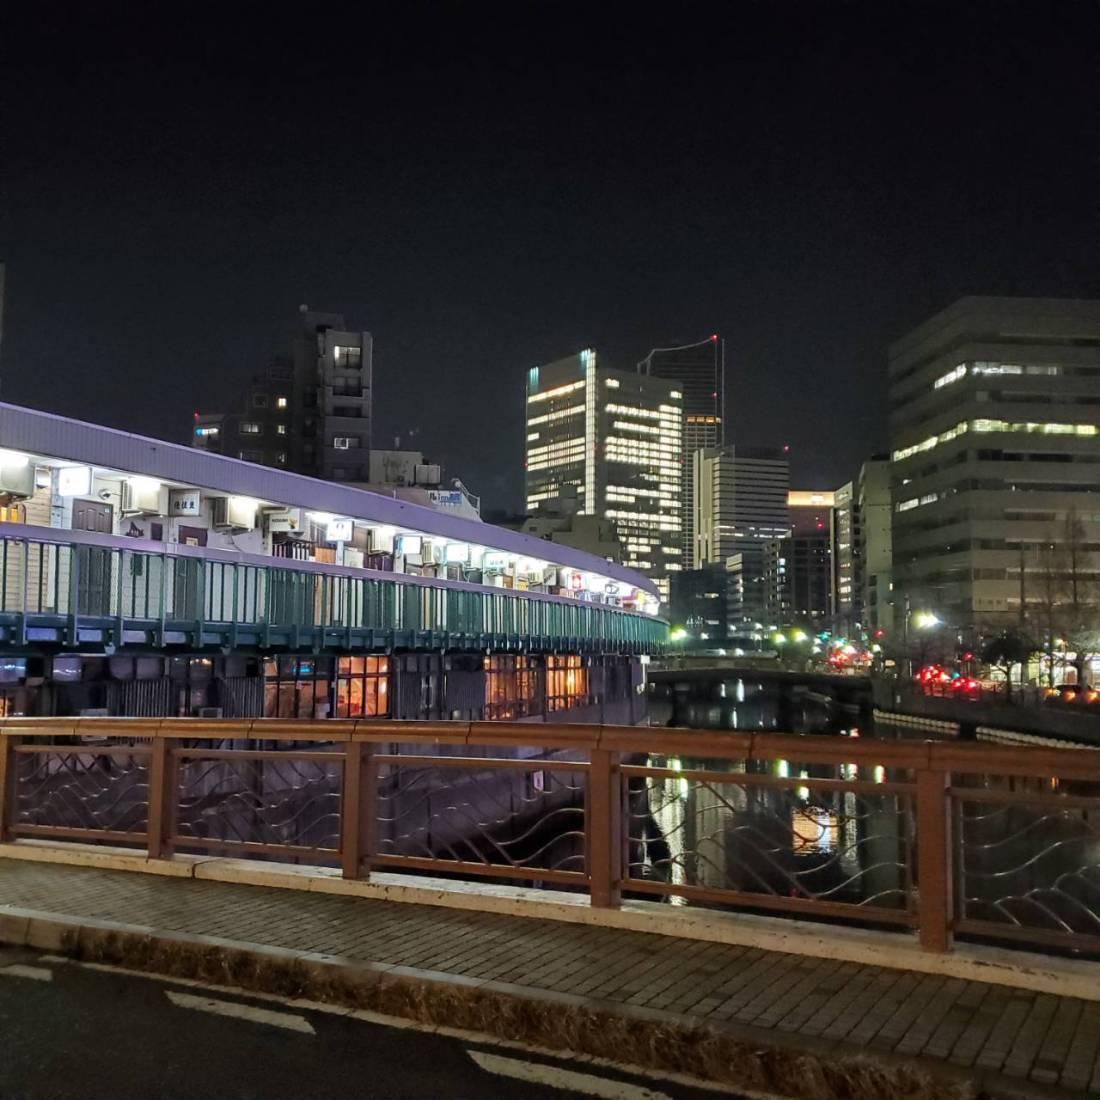 昨夜(1/11)20時の都橋商店街の画像